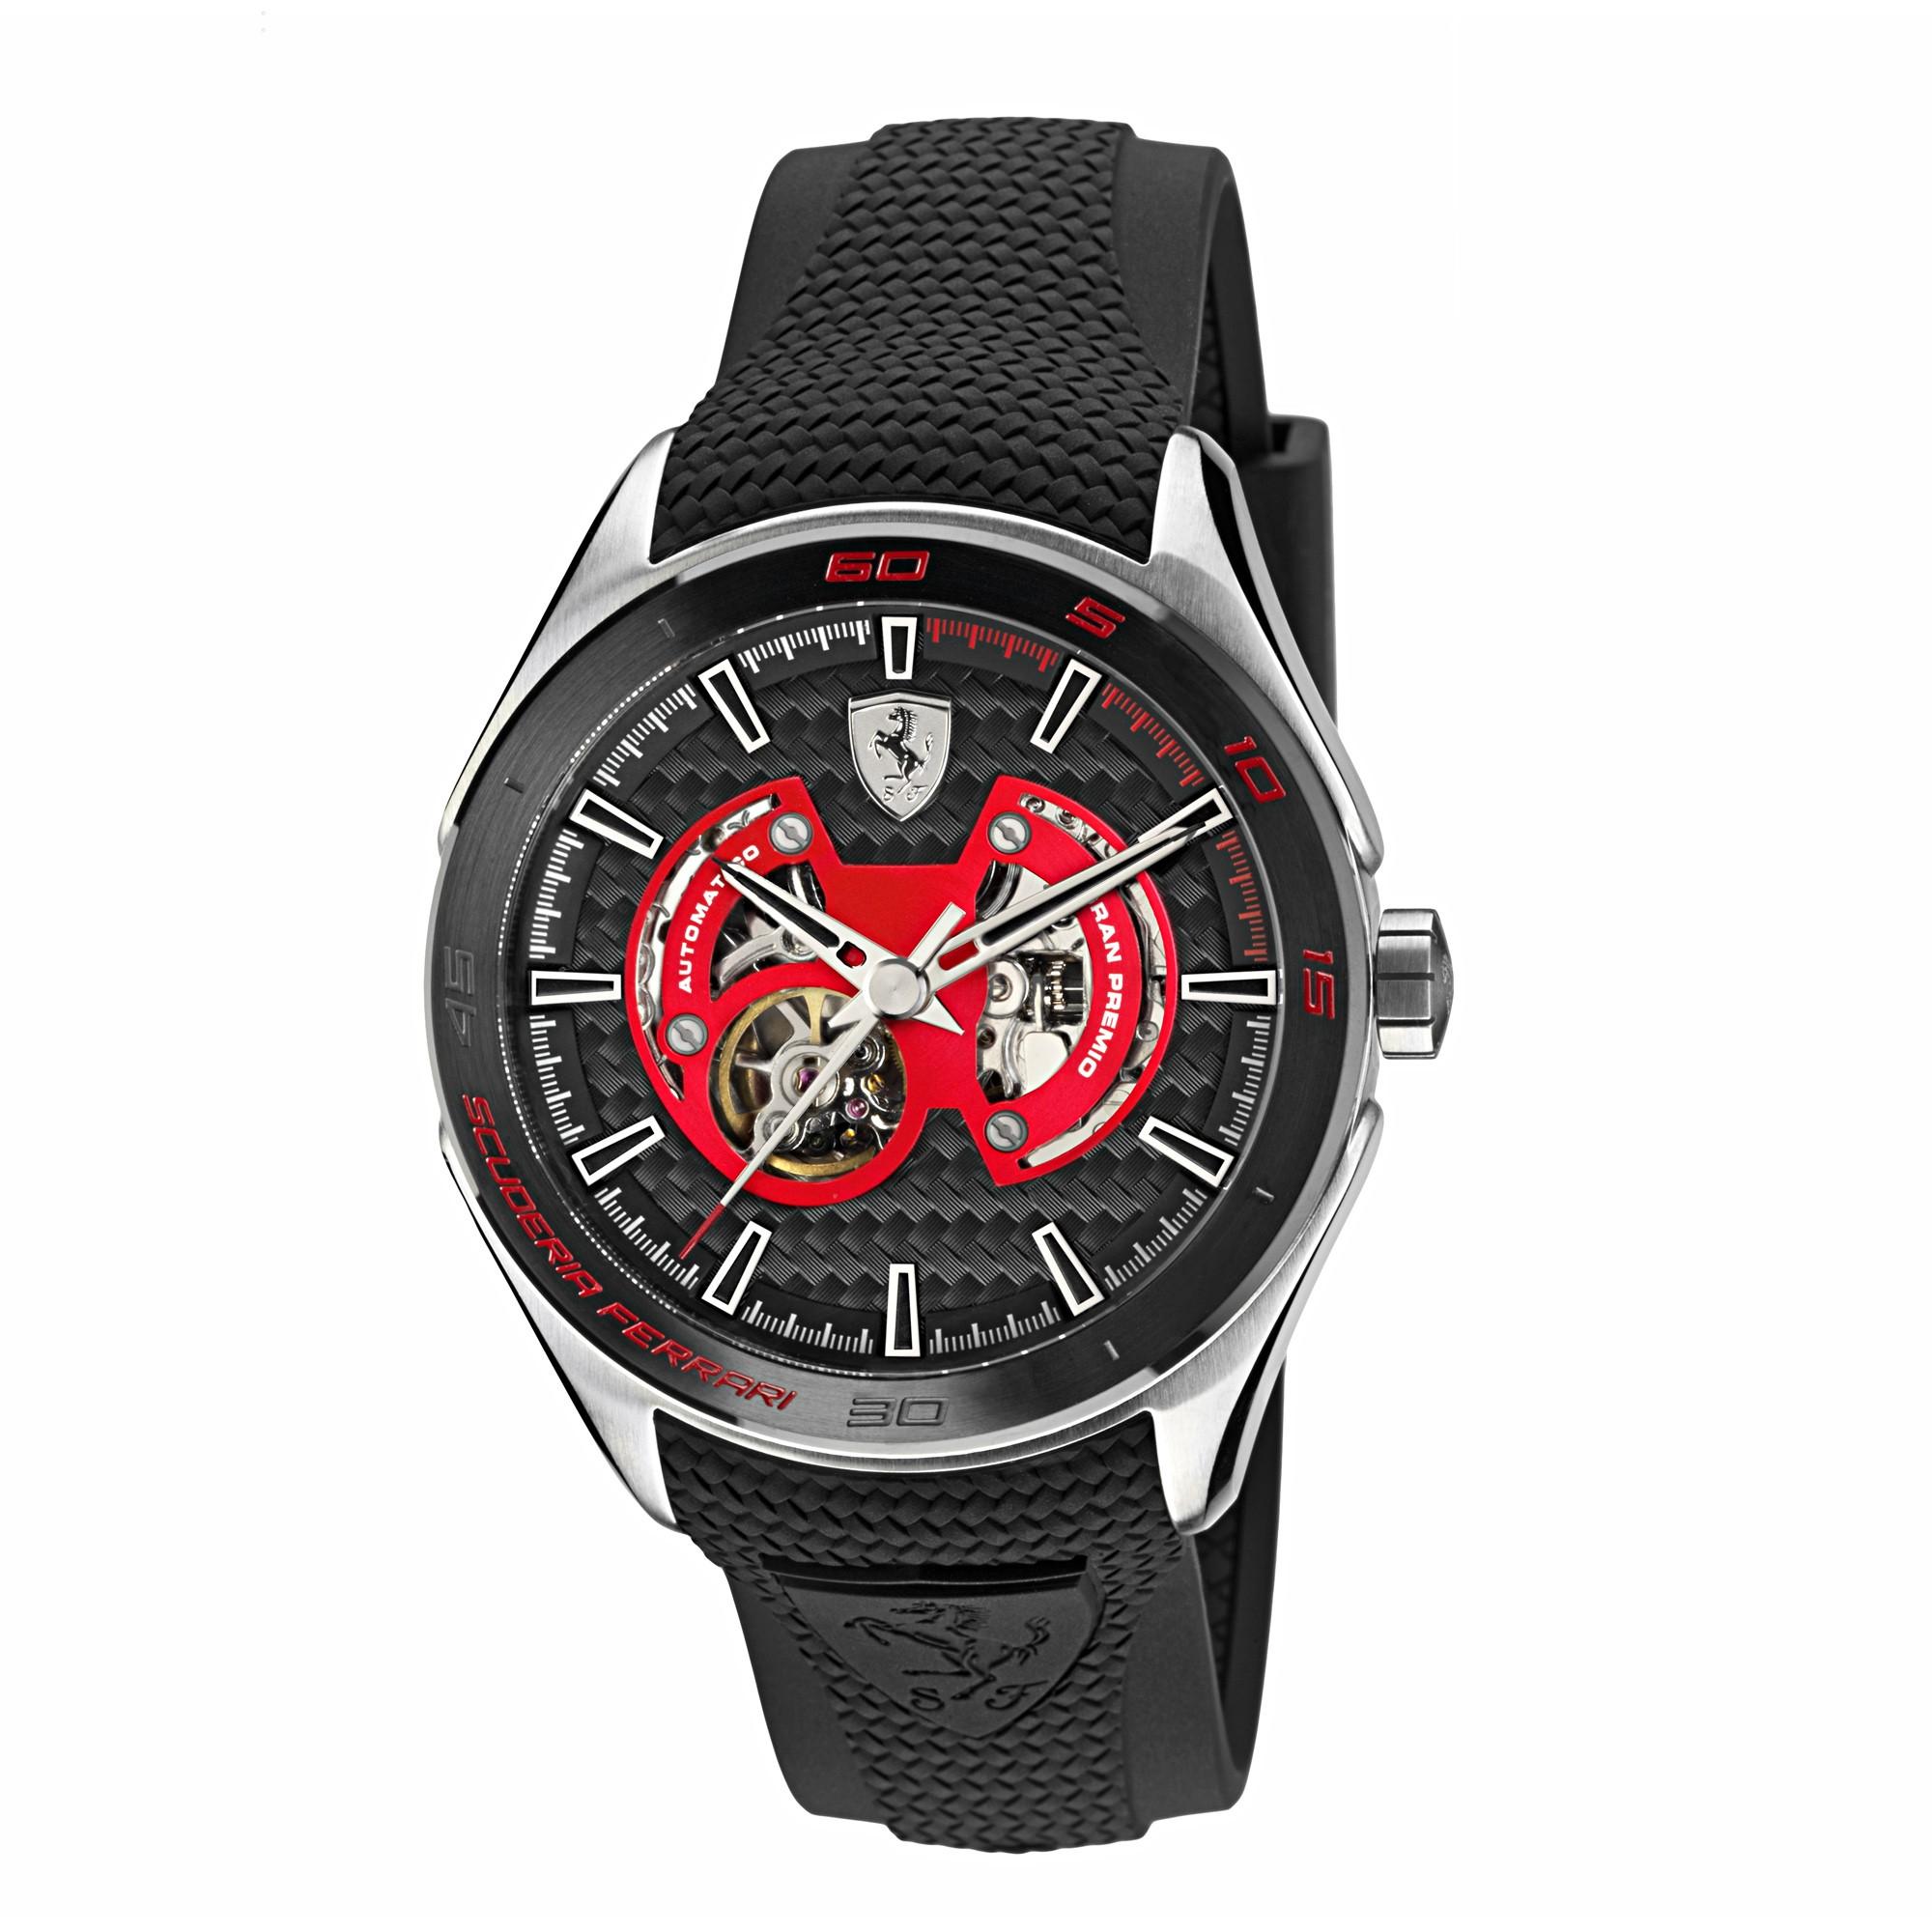 Car Detailing Supplies >> Scuderia Ferrari Gran Premio Automatic Watch by Ferrari - Choice Gear